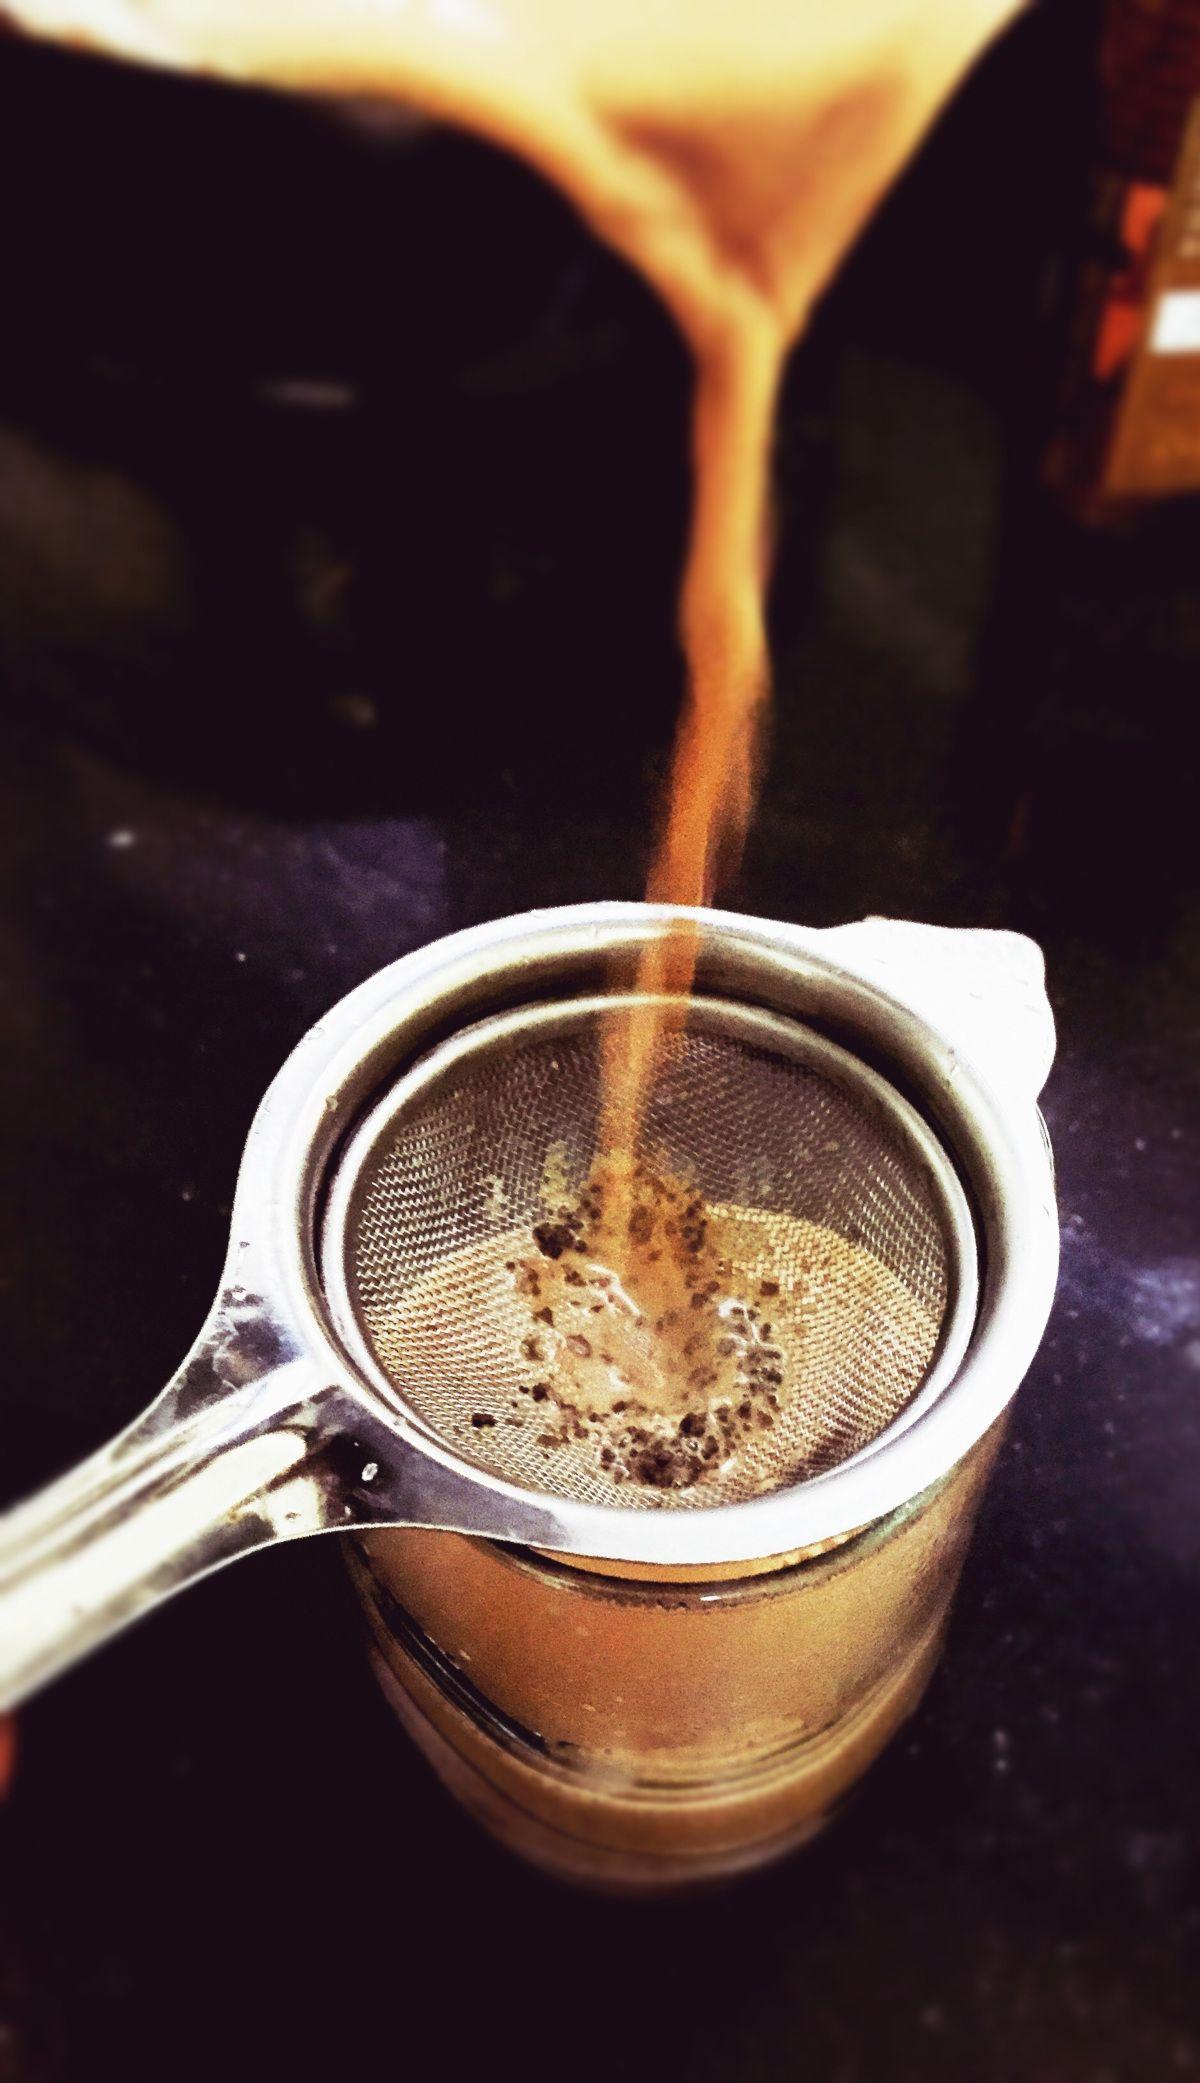 te chai latte en casa com en Starbucks